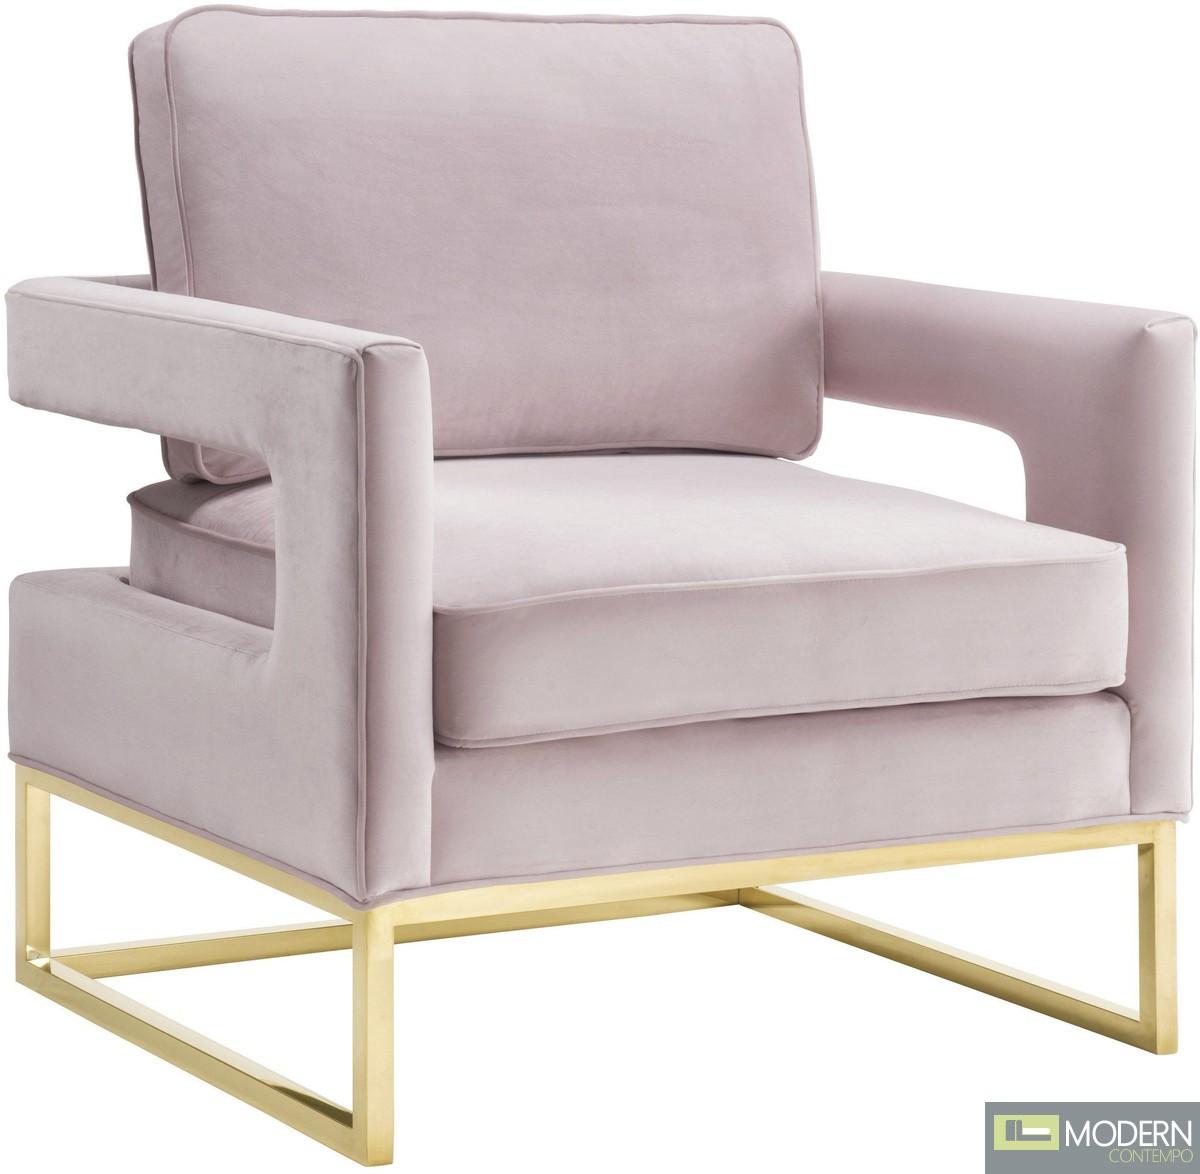 Athene Velvet Chair Soft Blush & gold